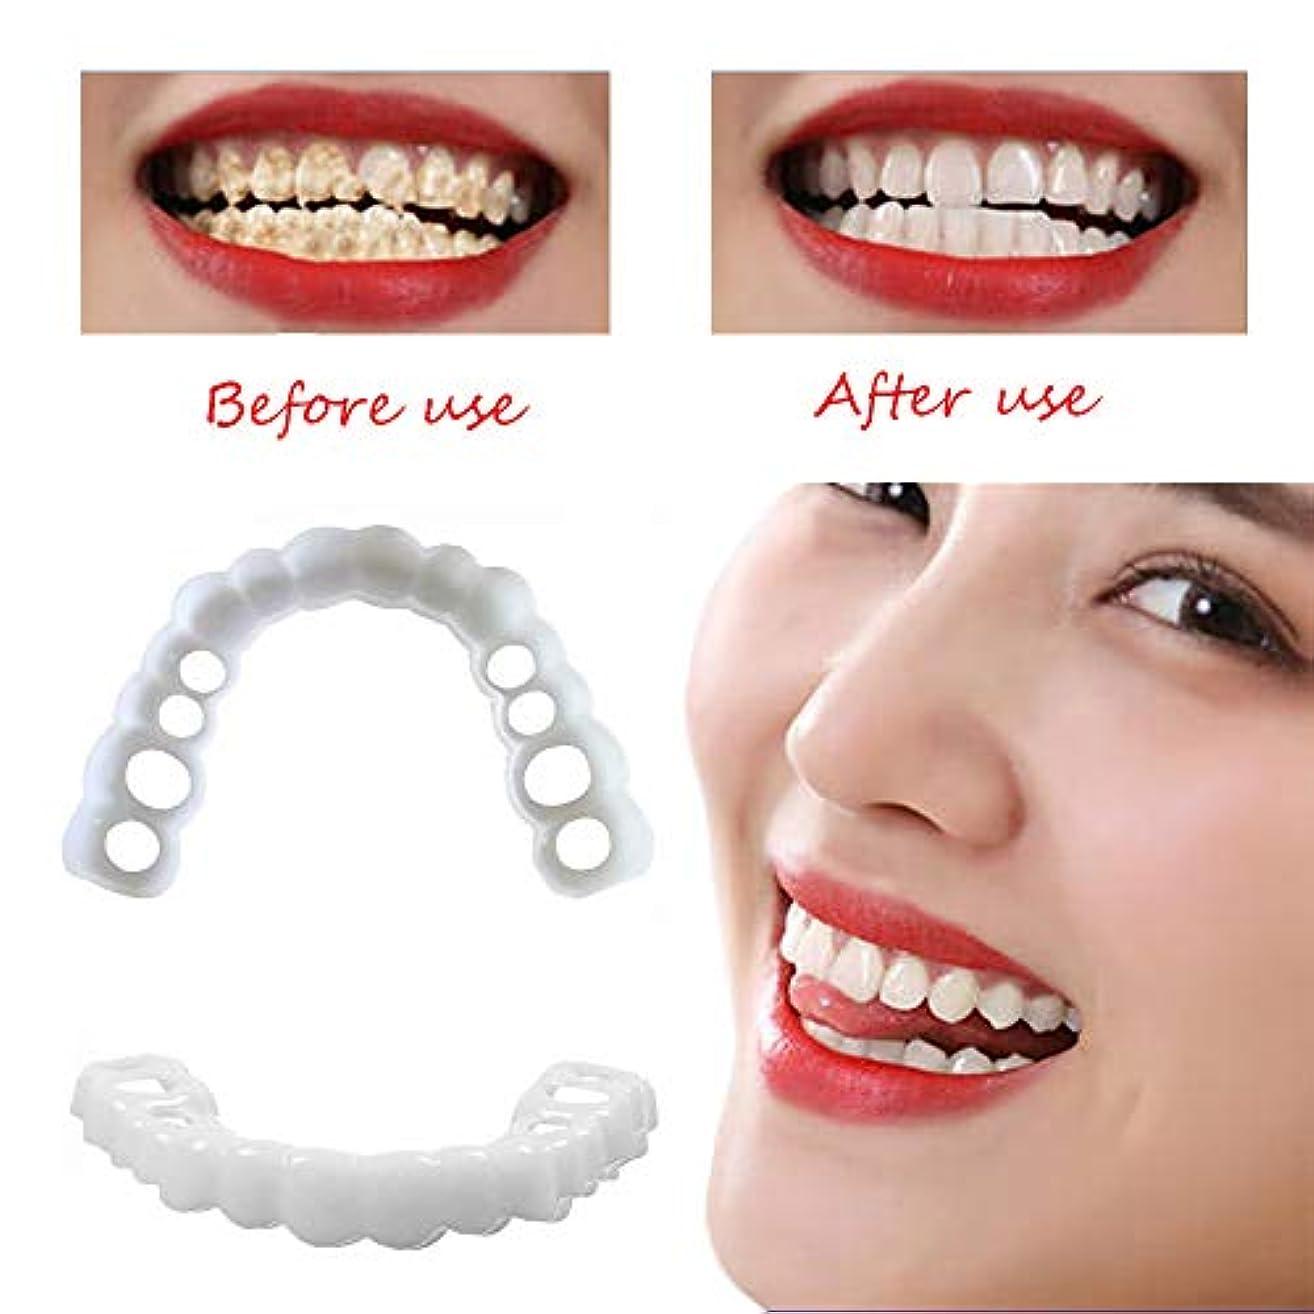 世界的に消費落胆させる歯の入れ歯歯の化粧品一時的な笑顔の快適フィット化粧品の歯の入れ歯(4ペア、白),10Pairs